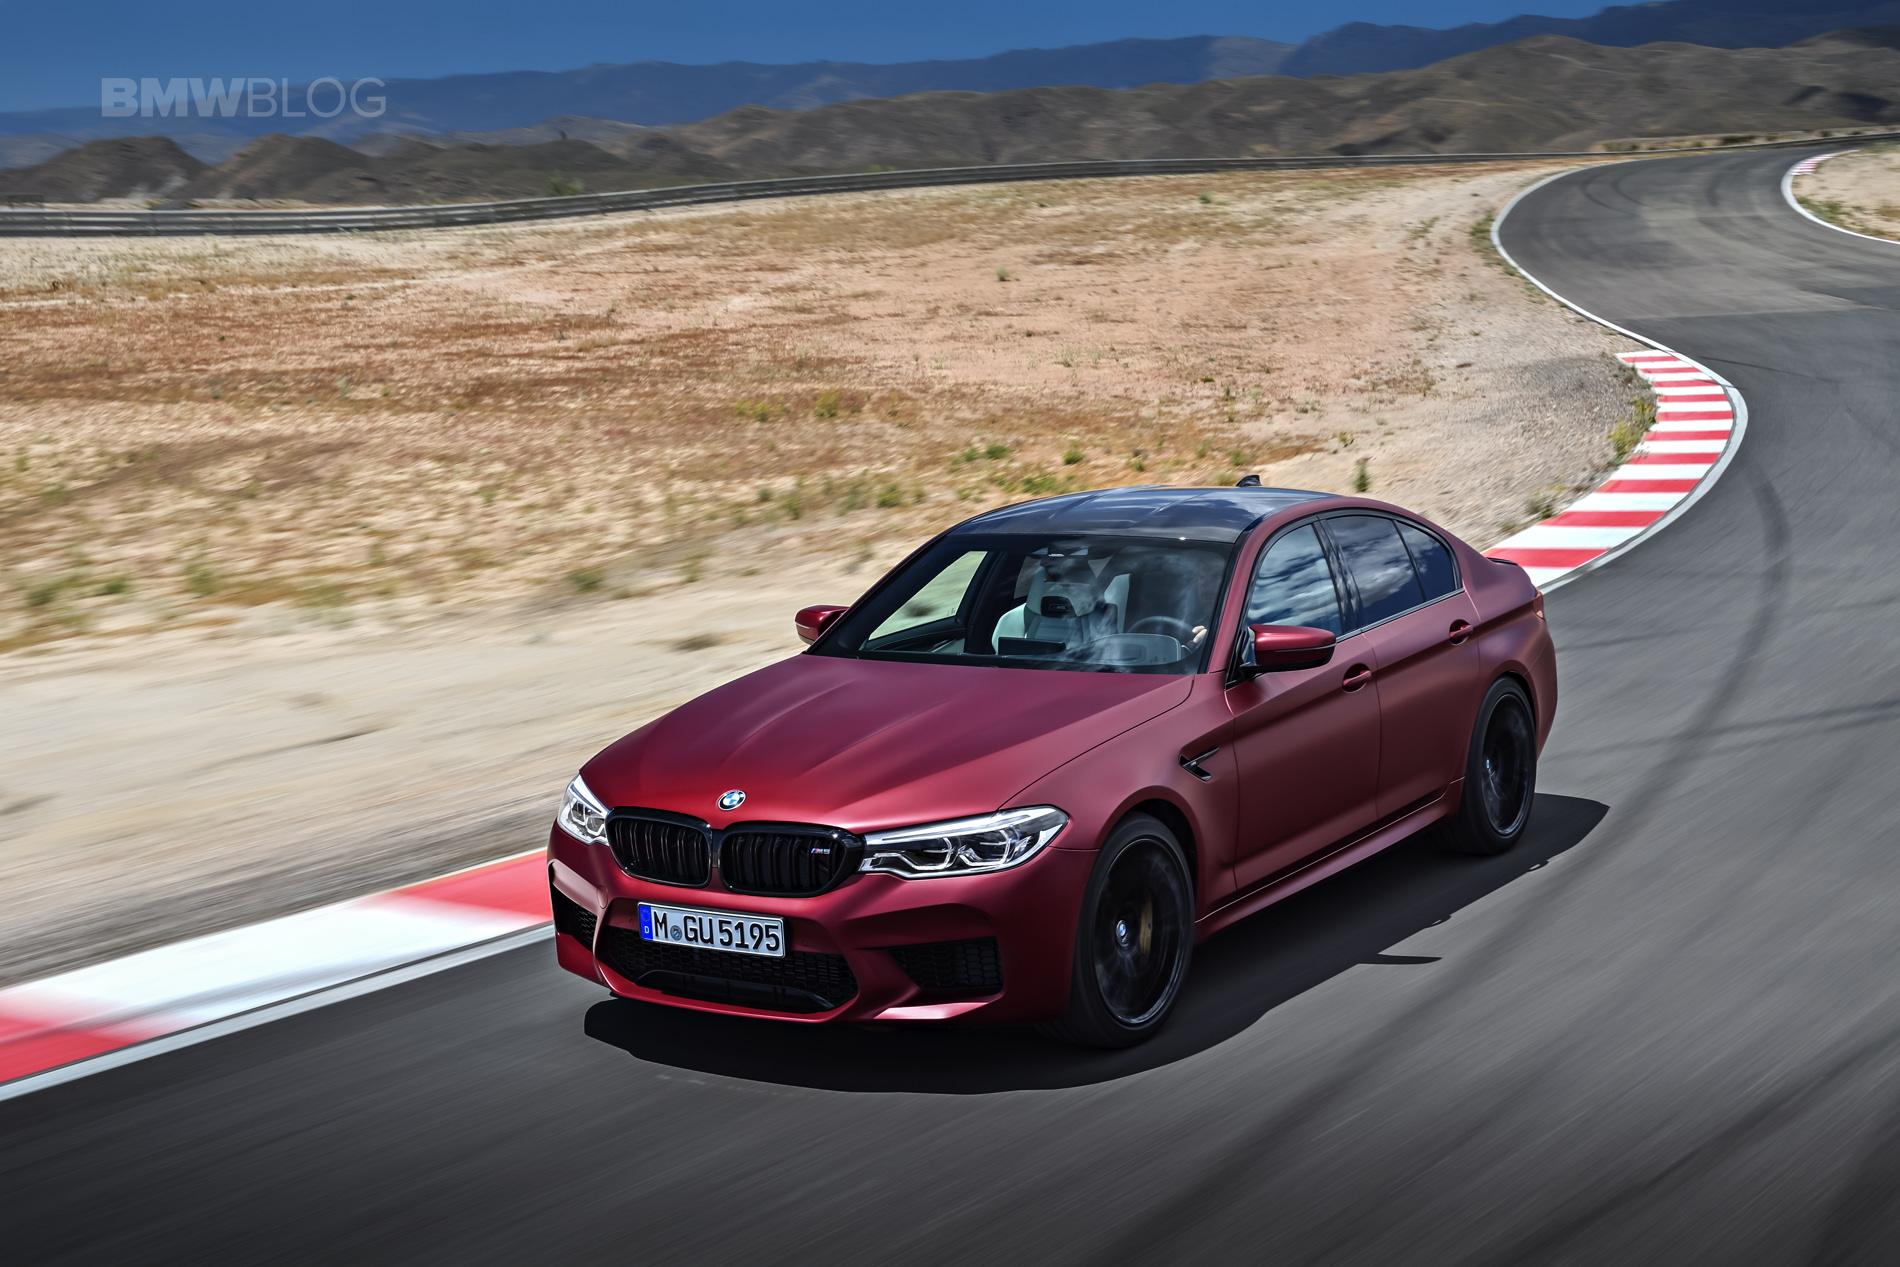 2018 BMW M5 Frozen Dark Red Metallic 02